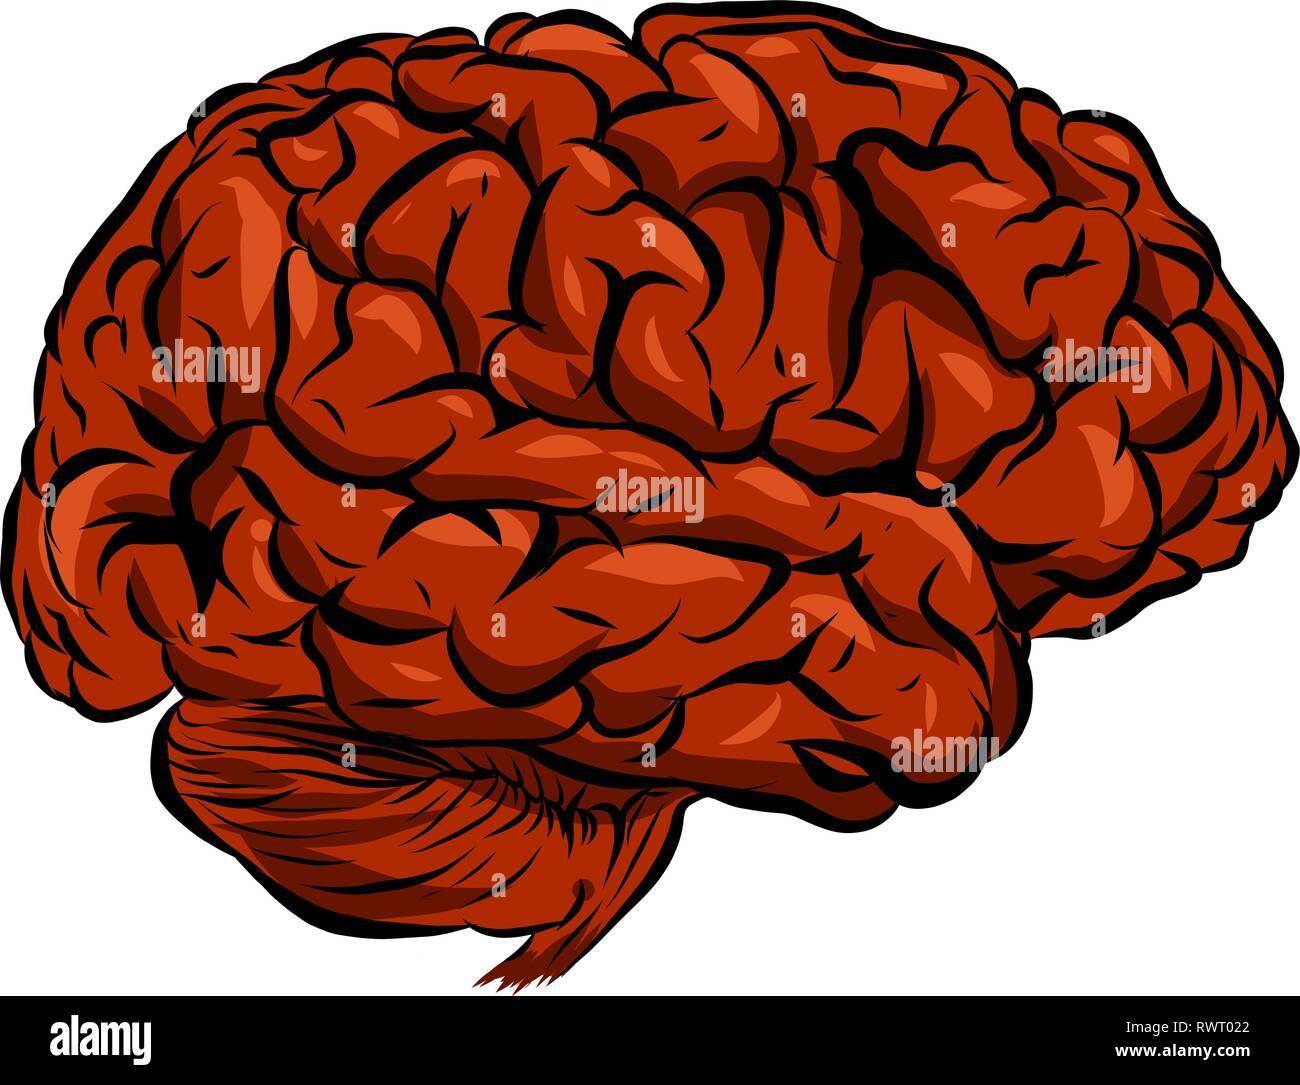 Illustration d'un cerveau humain avec fond blanc Photo Stock